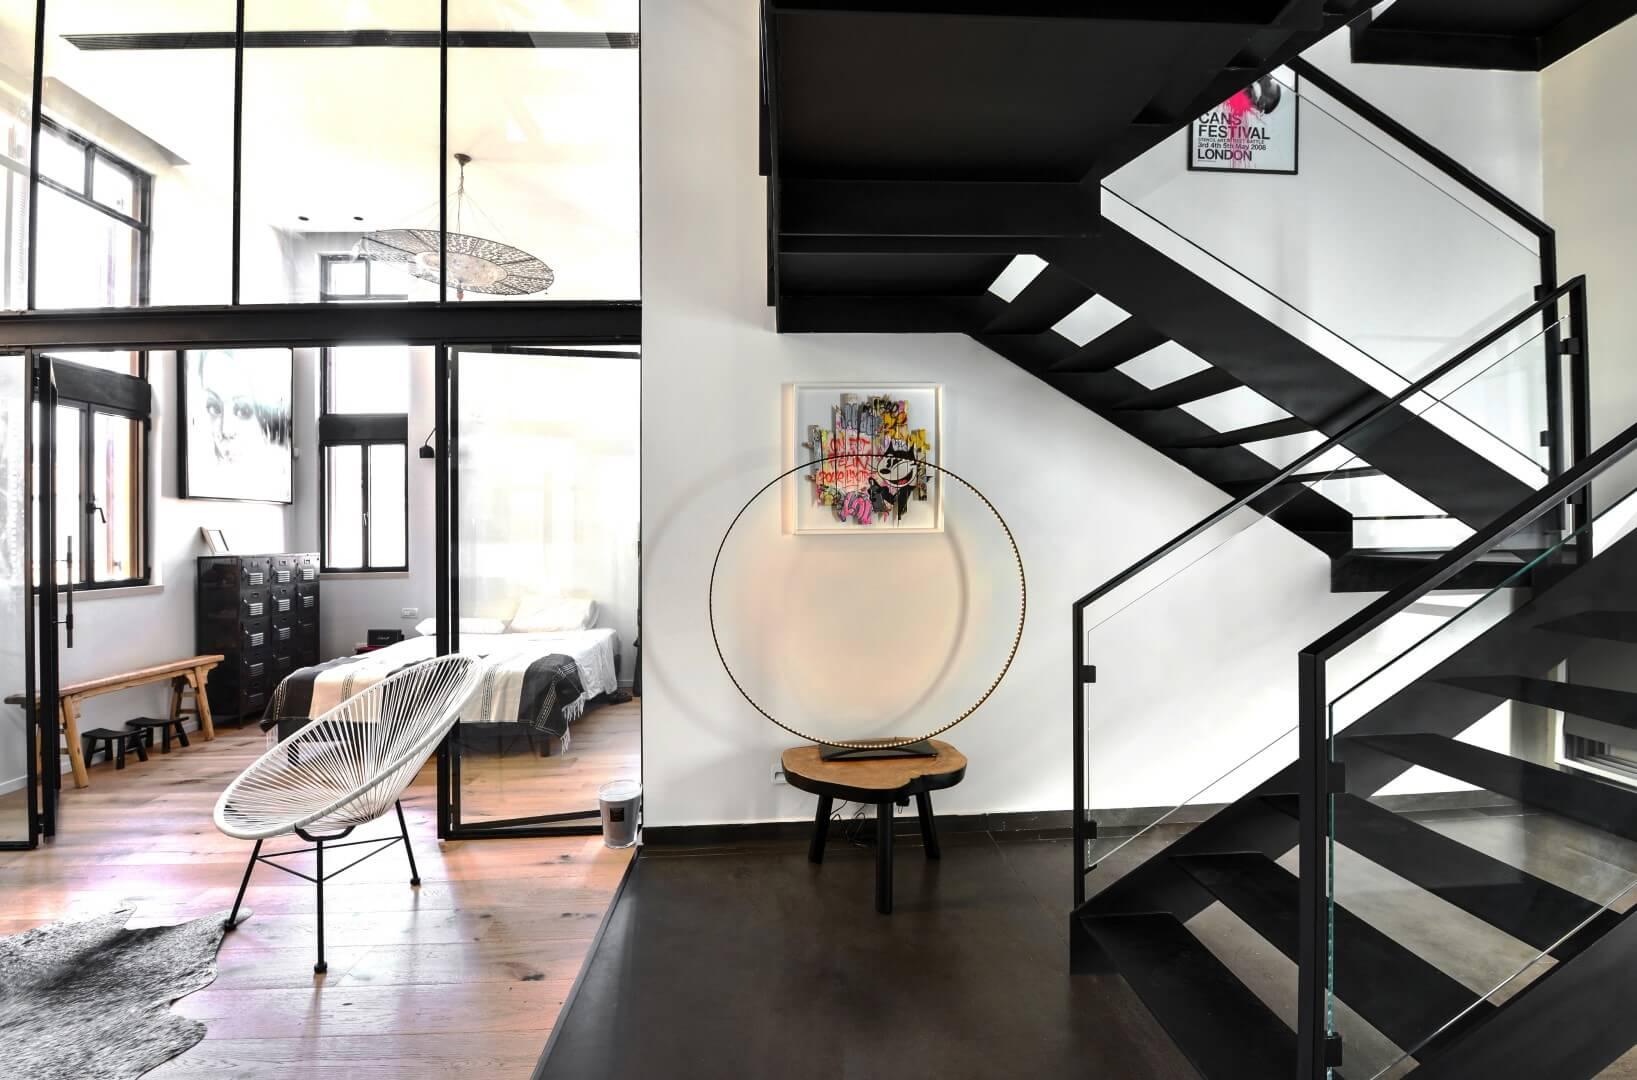 שני גרמי מדרגות ברזל שחור עם מעקה ברזל בשילוב זכוכית מחברים בין קומות הוילה